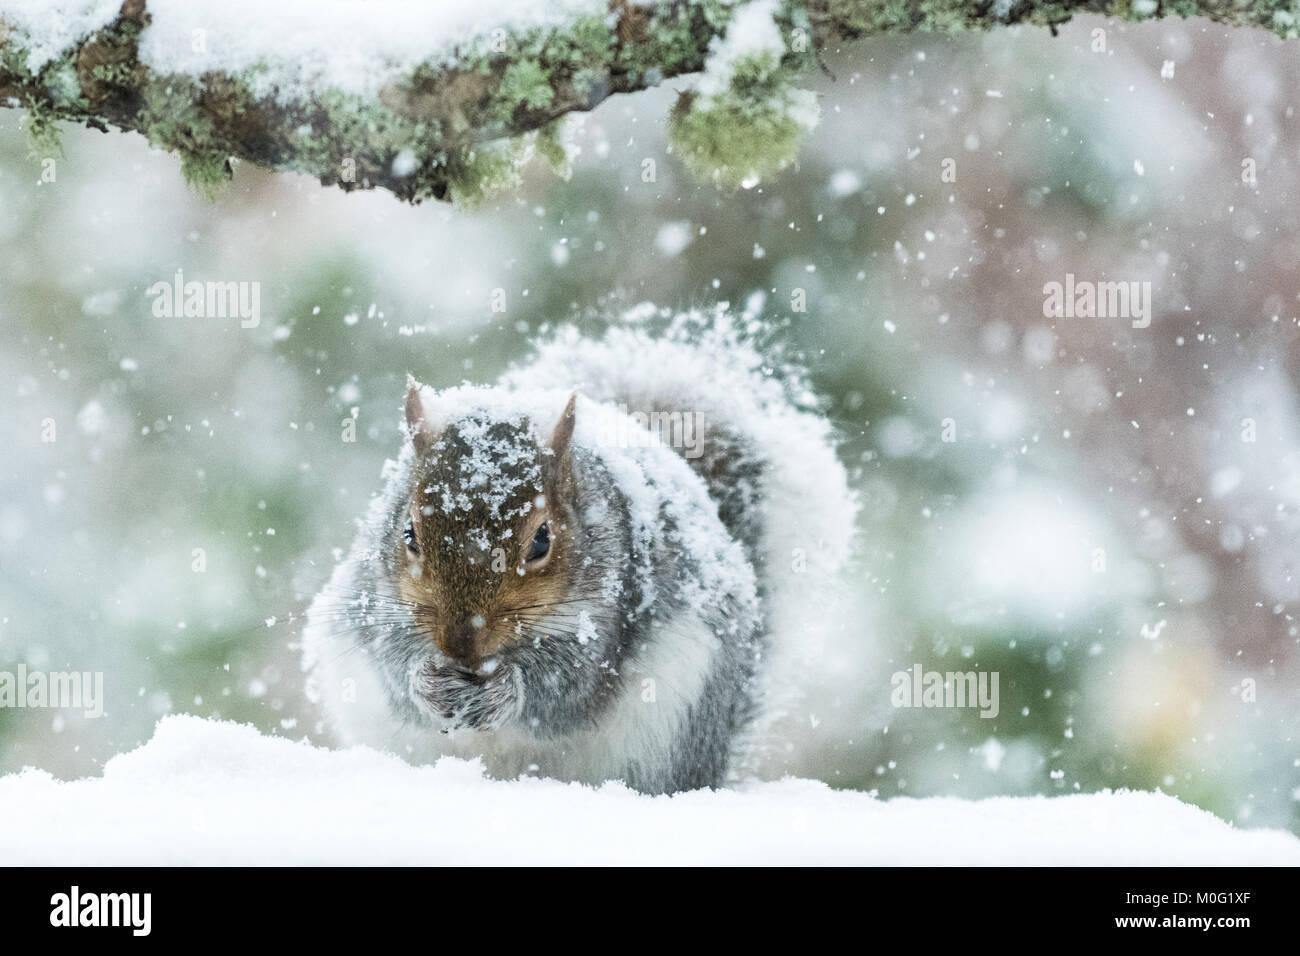 Graue Eichhörnchen in Großbritannien im Winter - im dicken Schnee - Schottland, Großbritannien abgedeckt Stockbild